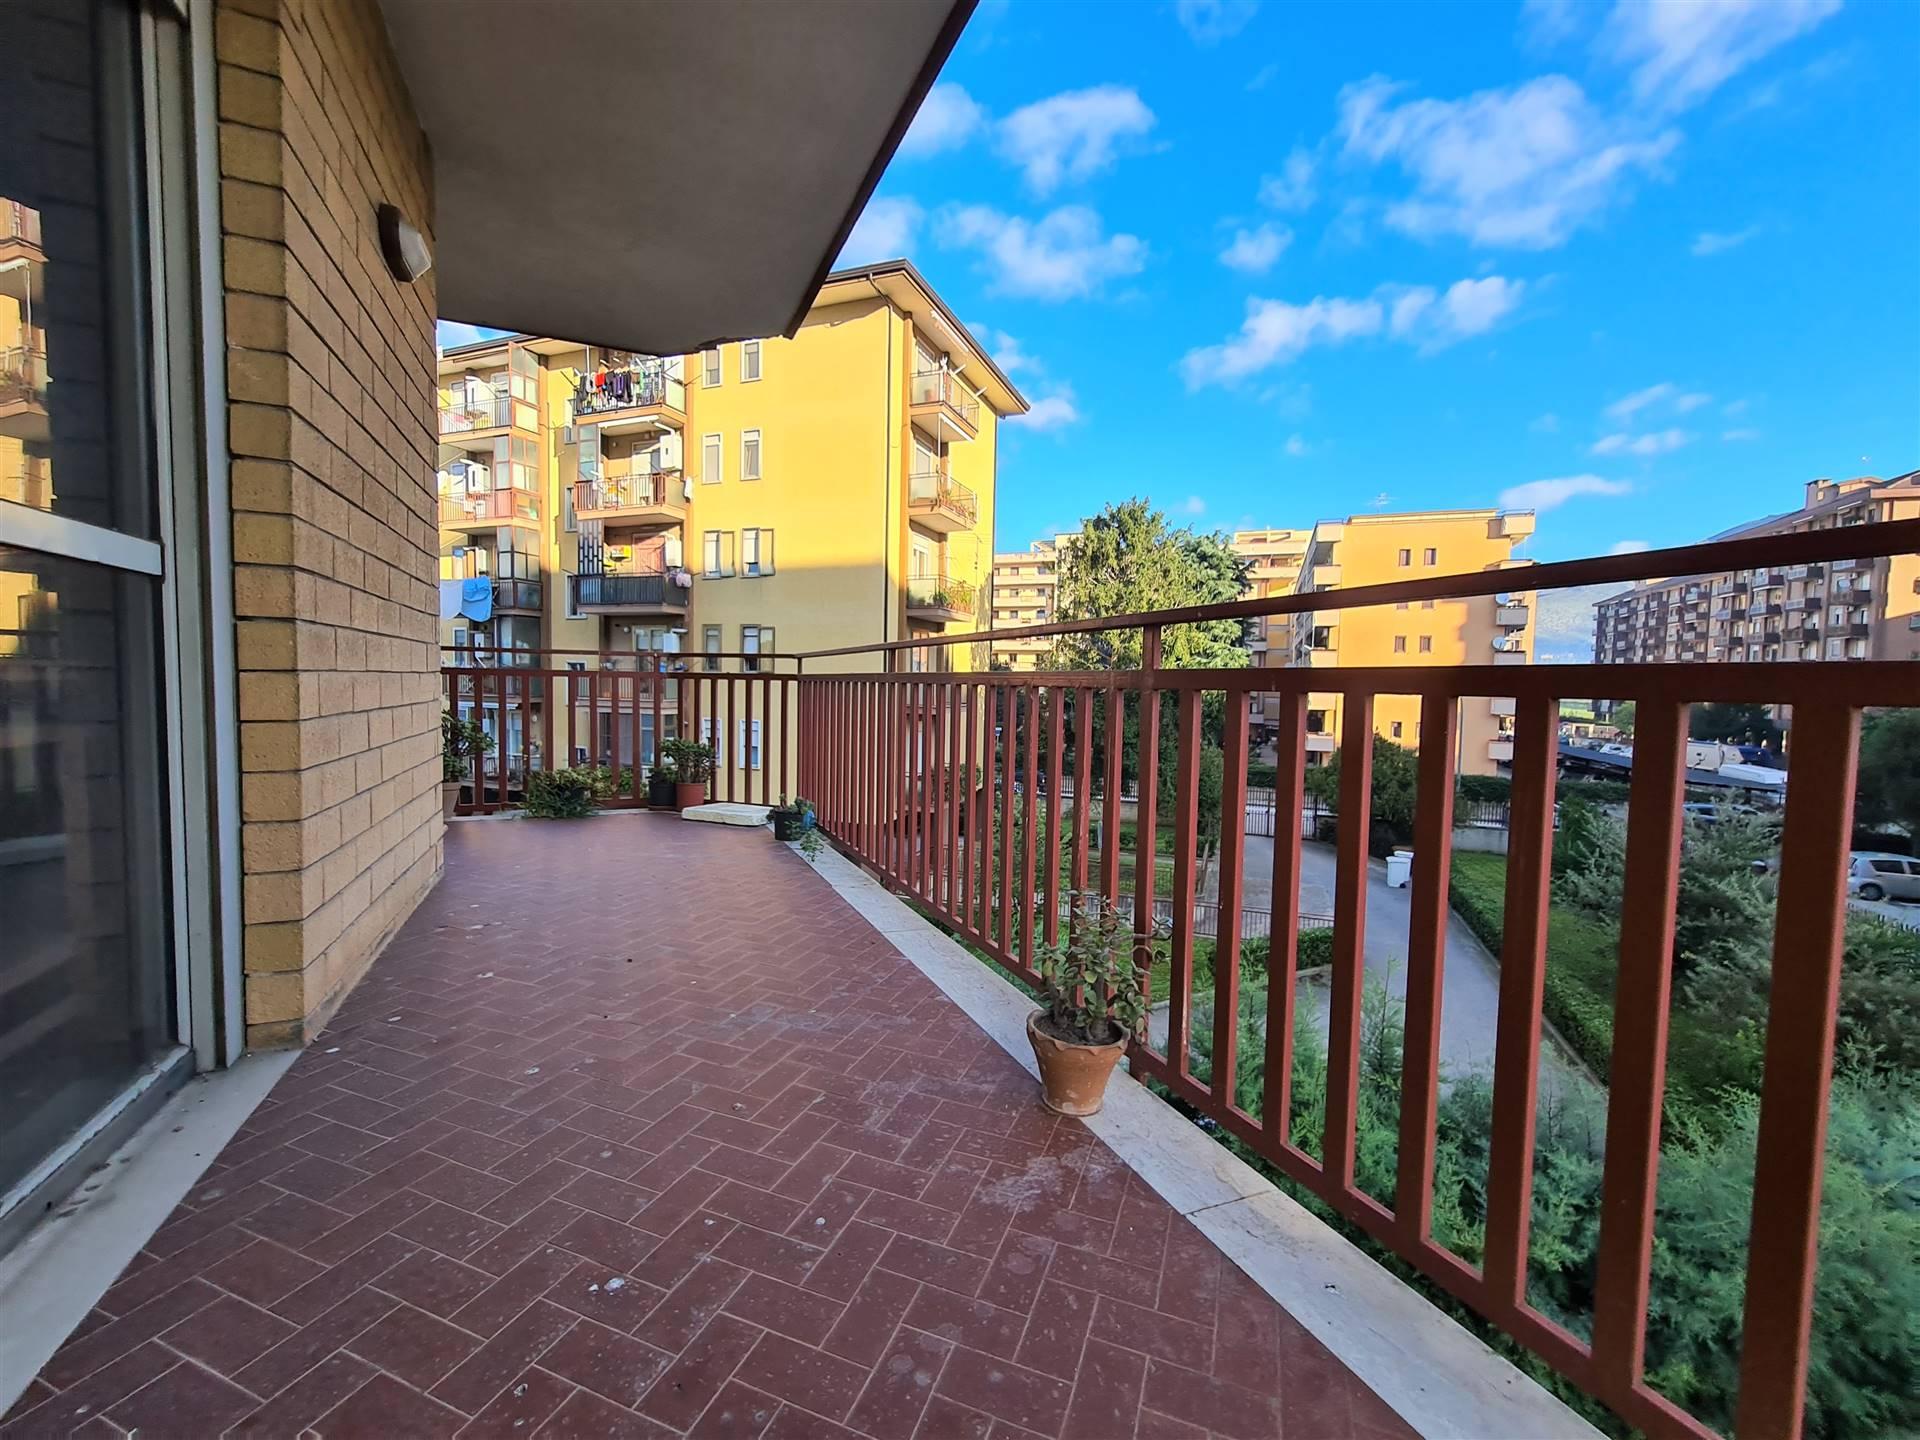 AV923B-Appartamento-SANTA-MARIA-CAPUA-VETERE-Viale-Consiglio-d'Europa